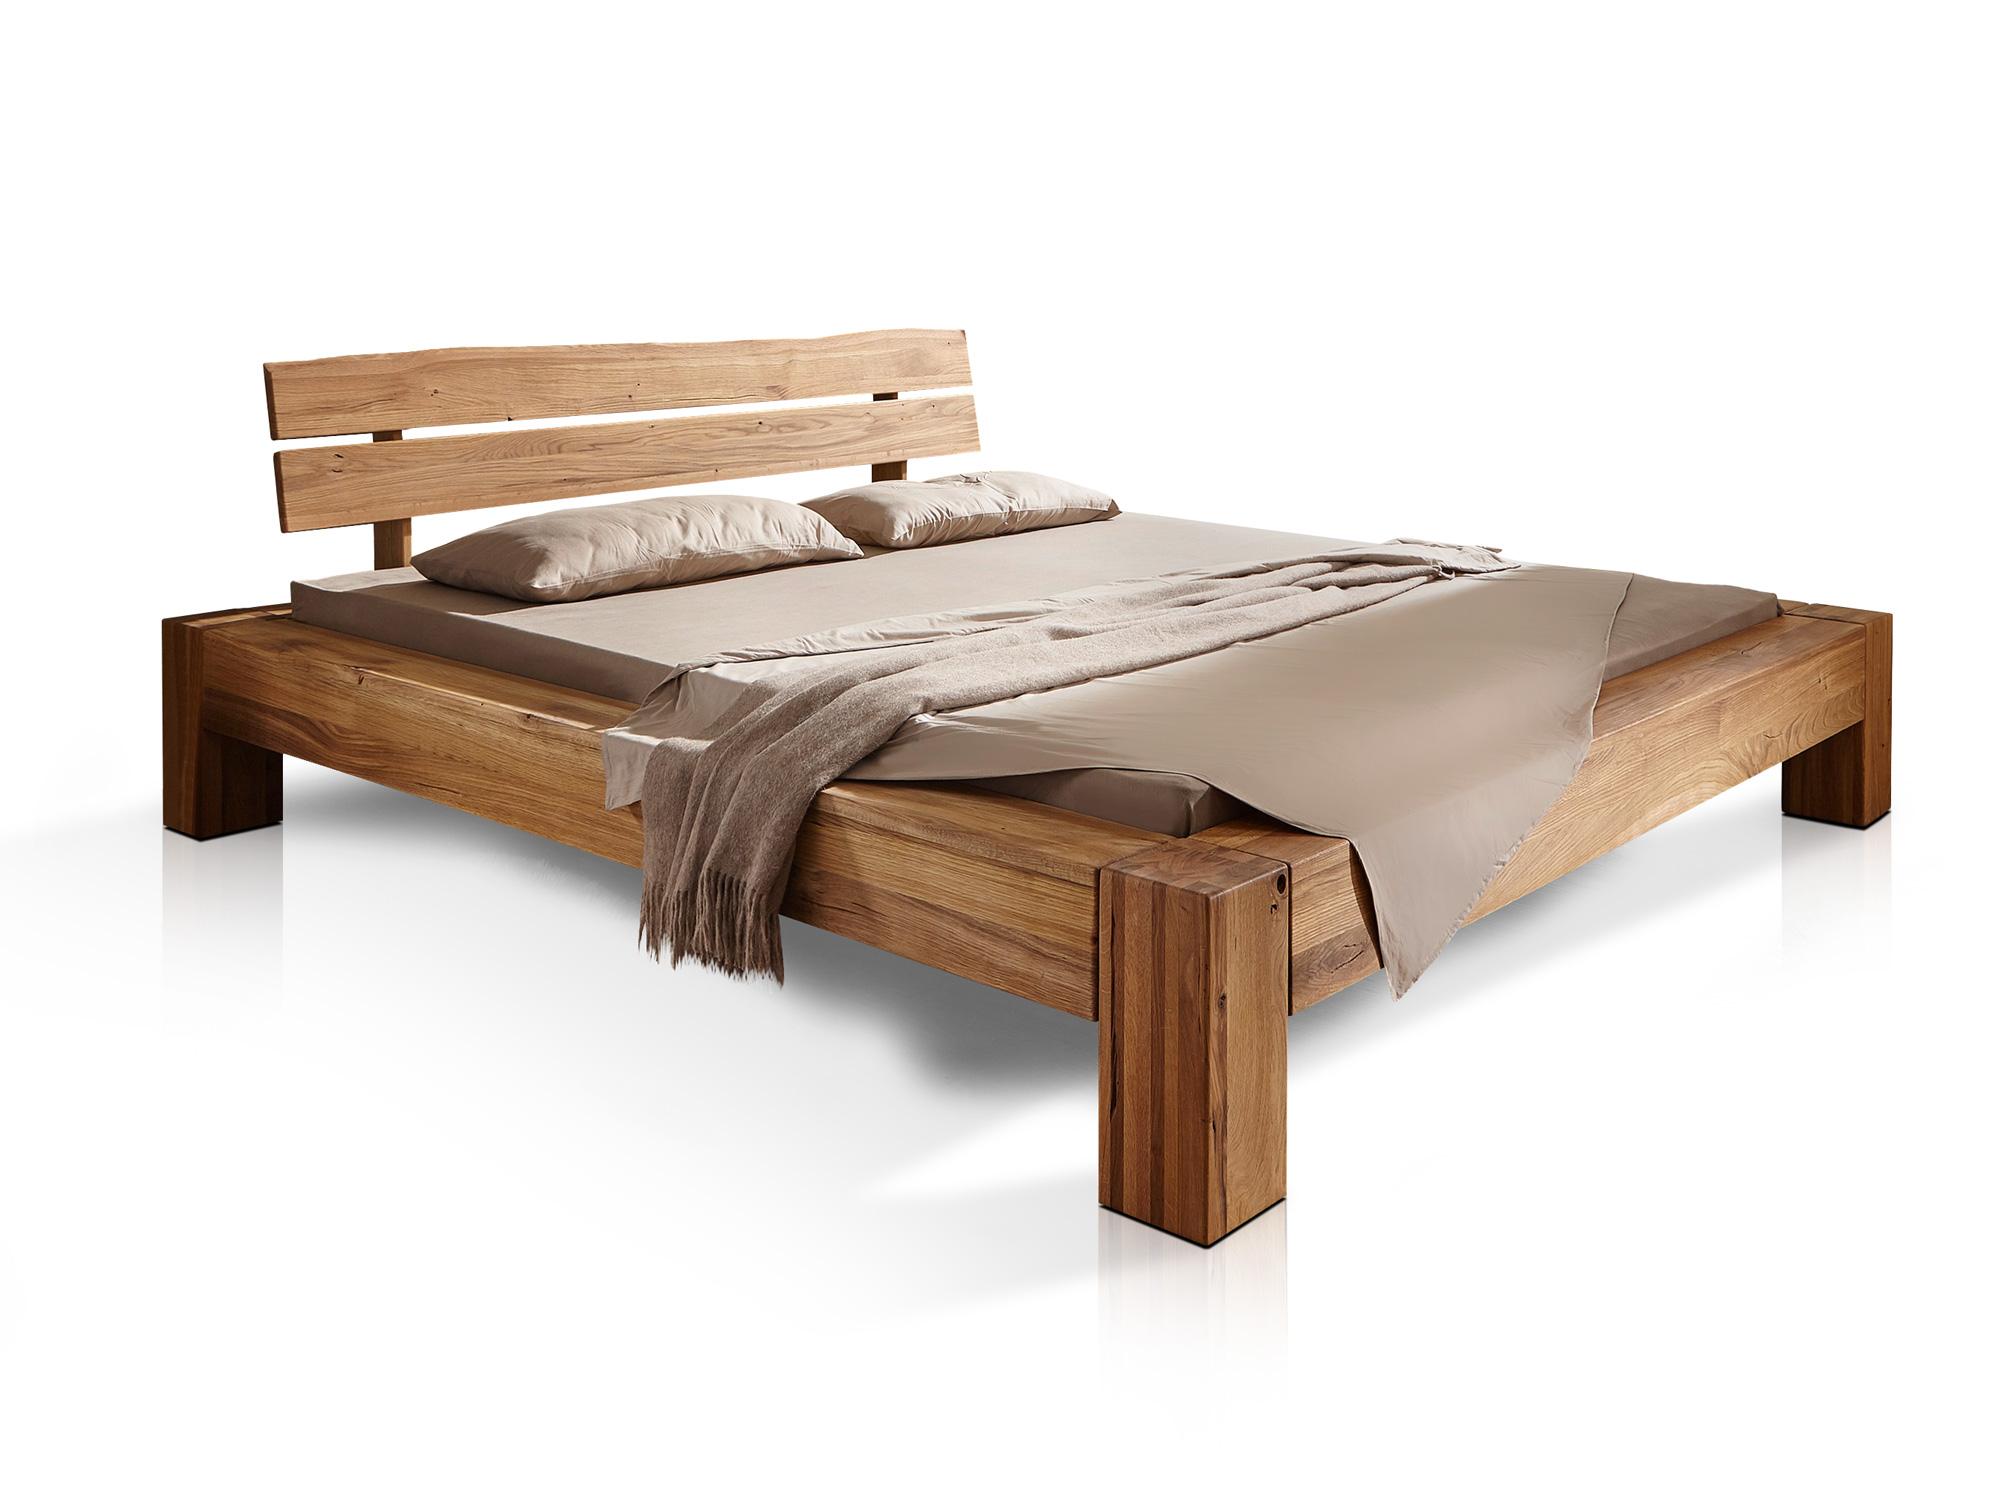 BENISSA Doppelbett Wildeiche geölt 160 x 200 cm